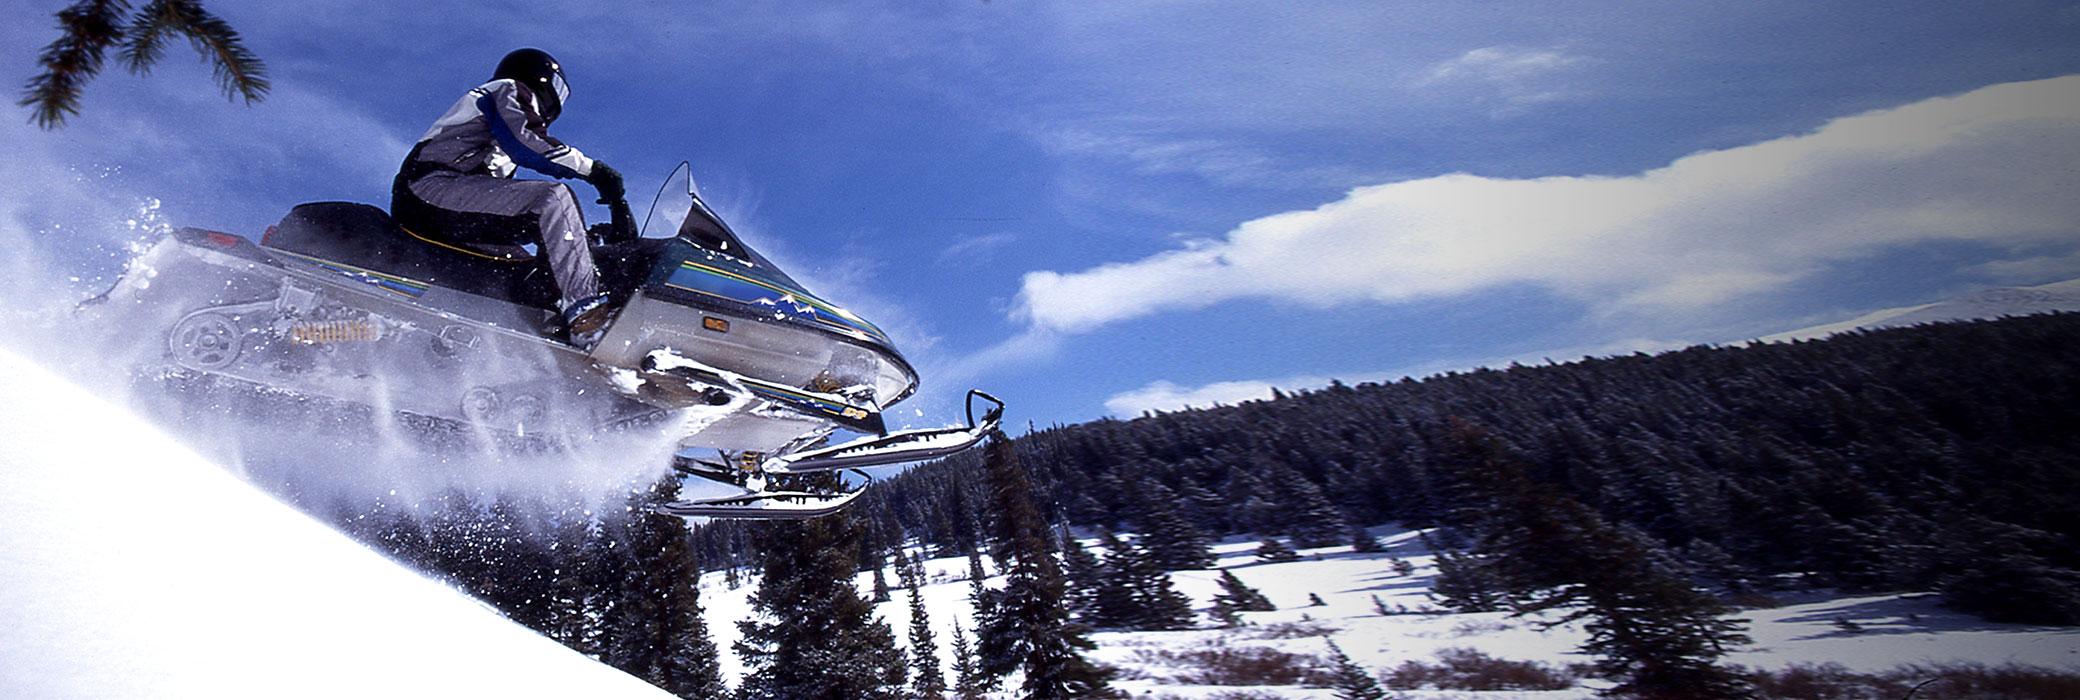 Iemand die met zijn sneeuwscooter over een heuvel vliegt, blauwe lucht op de achtergrond